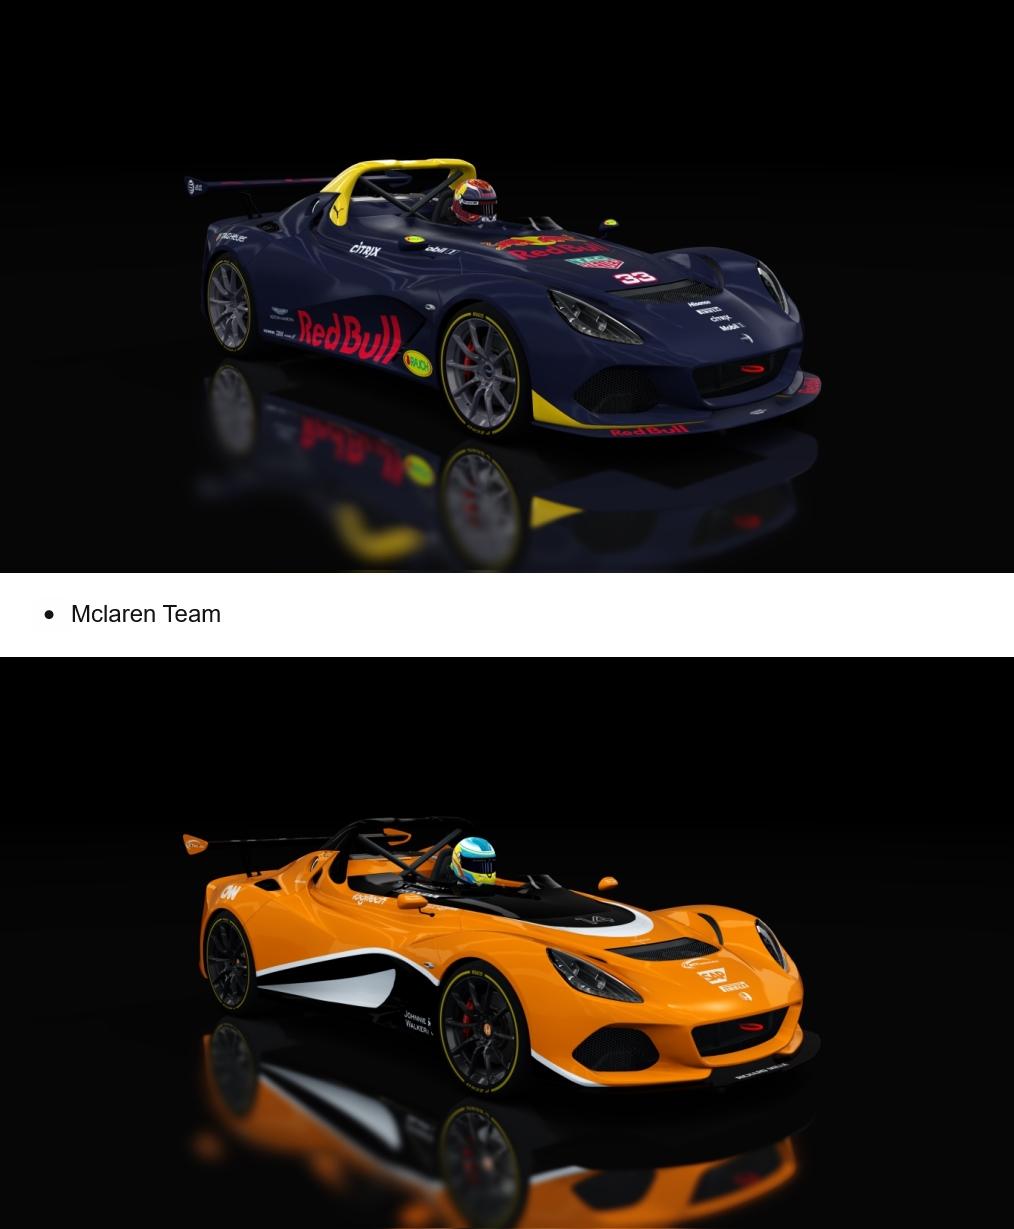 Lotus_3_Racing_Red_Bull_Mclaren.jpg